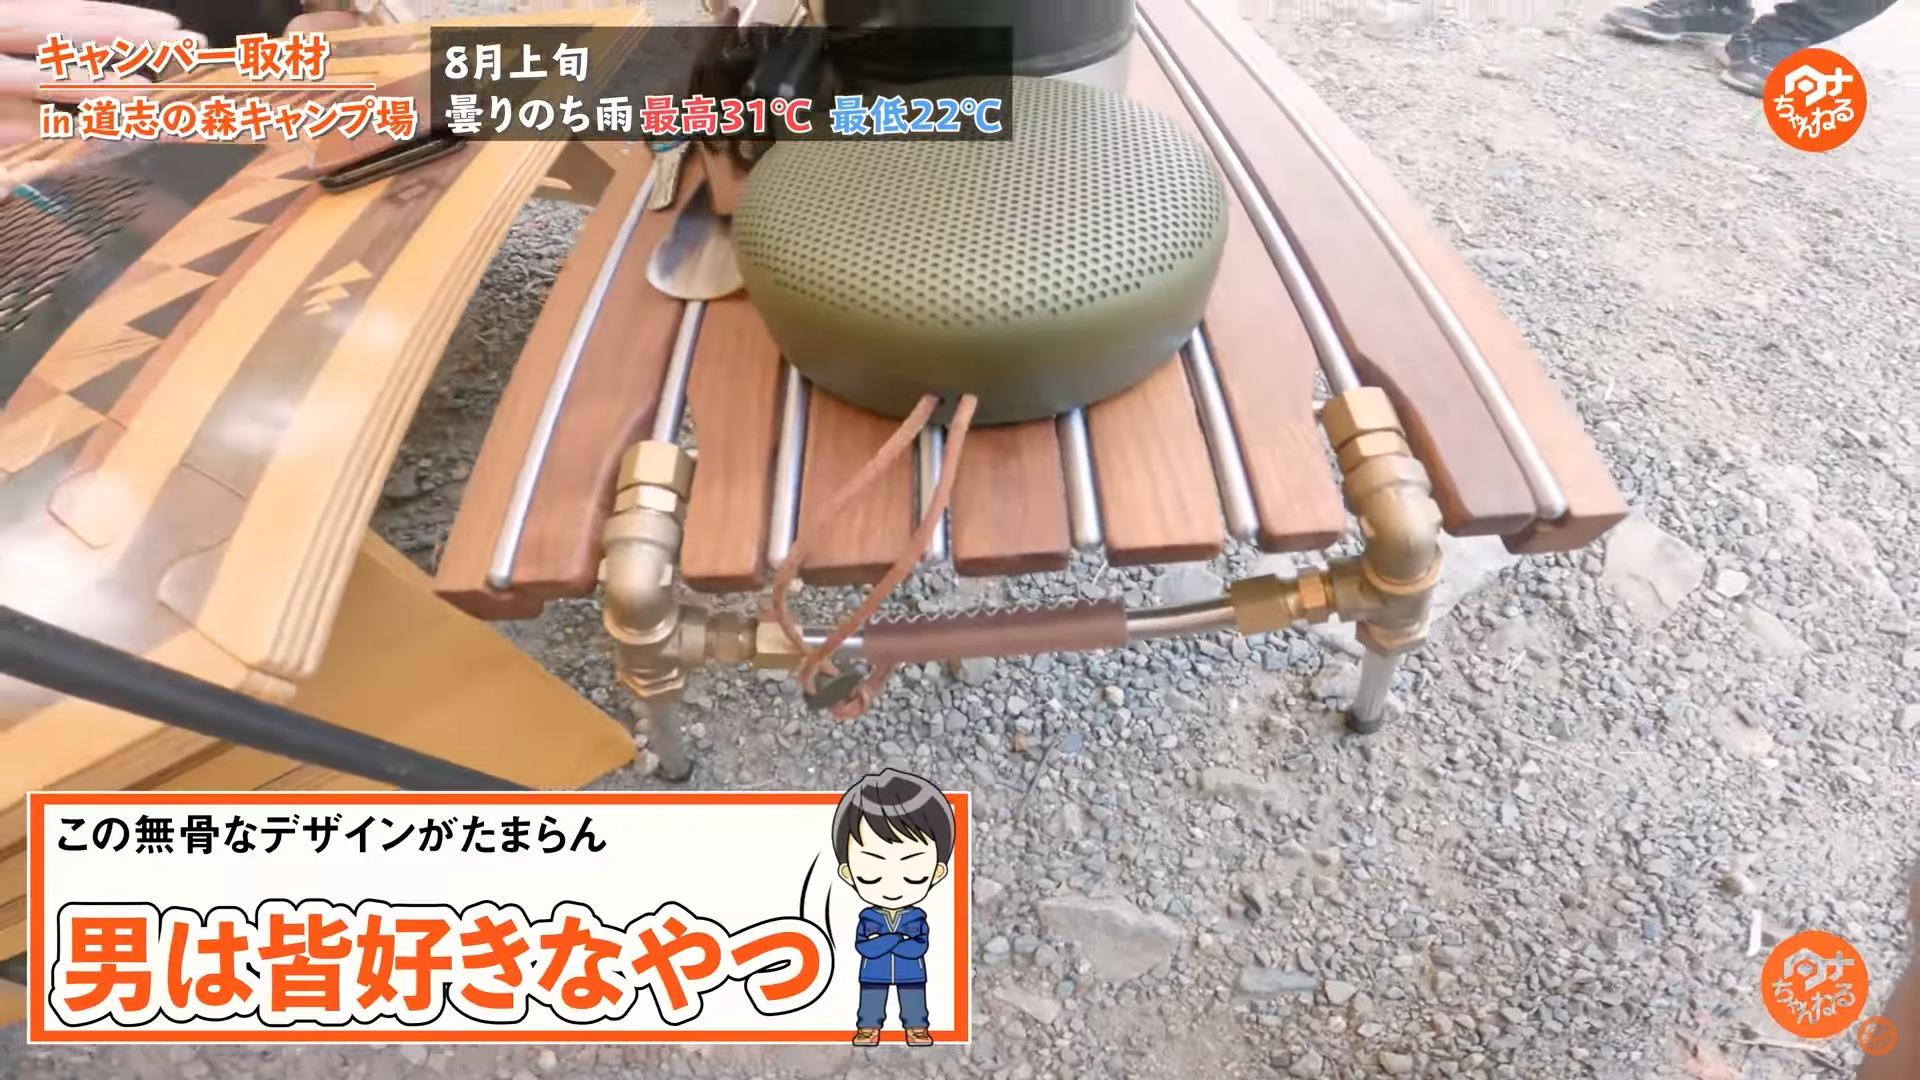 テーブル:【A SOME CREATIVE】 韓国ブランド